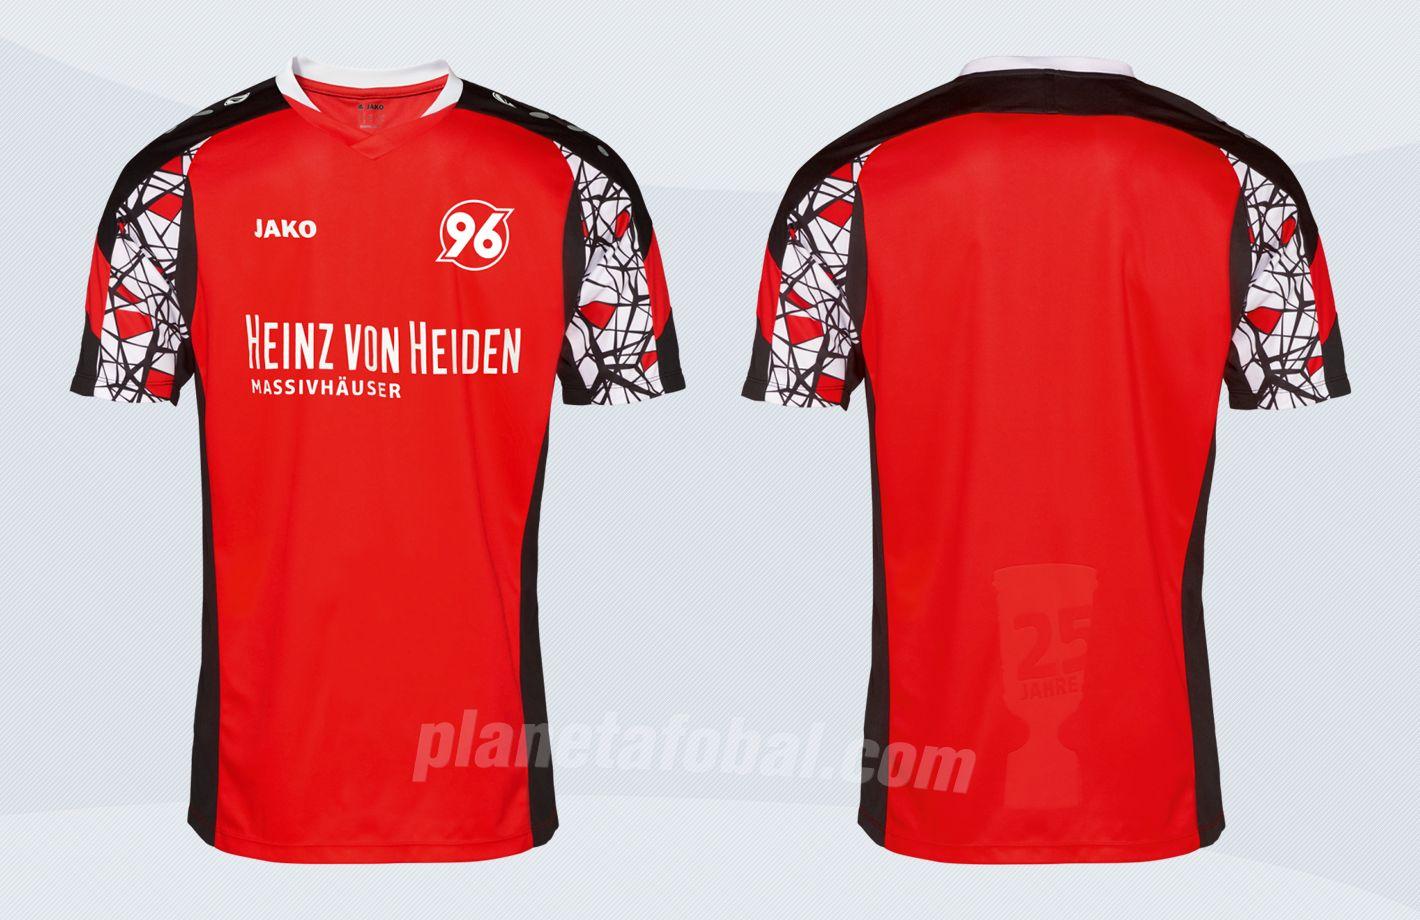 Camiseta Jako del Hannover 96 | Imágenes Web Oficial